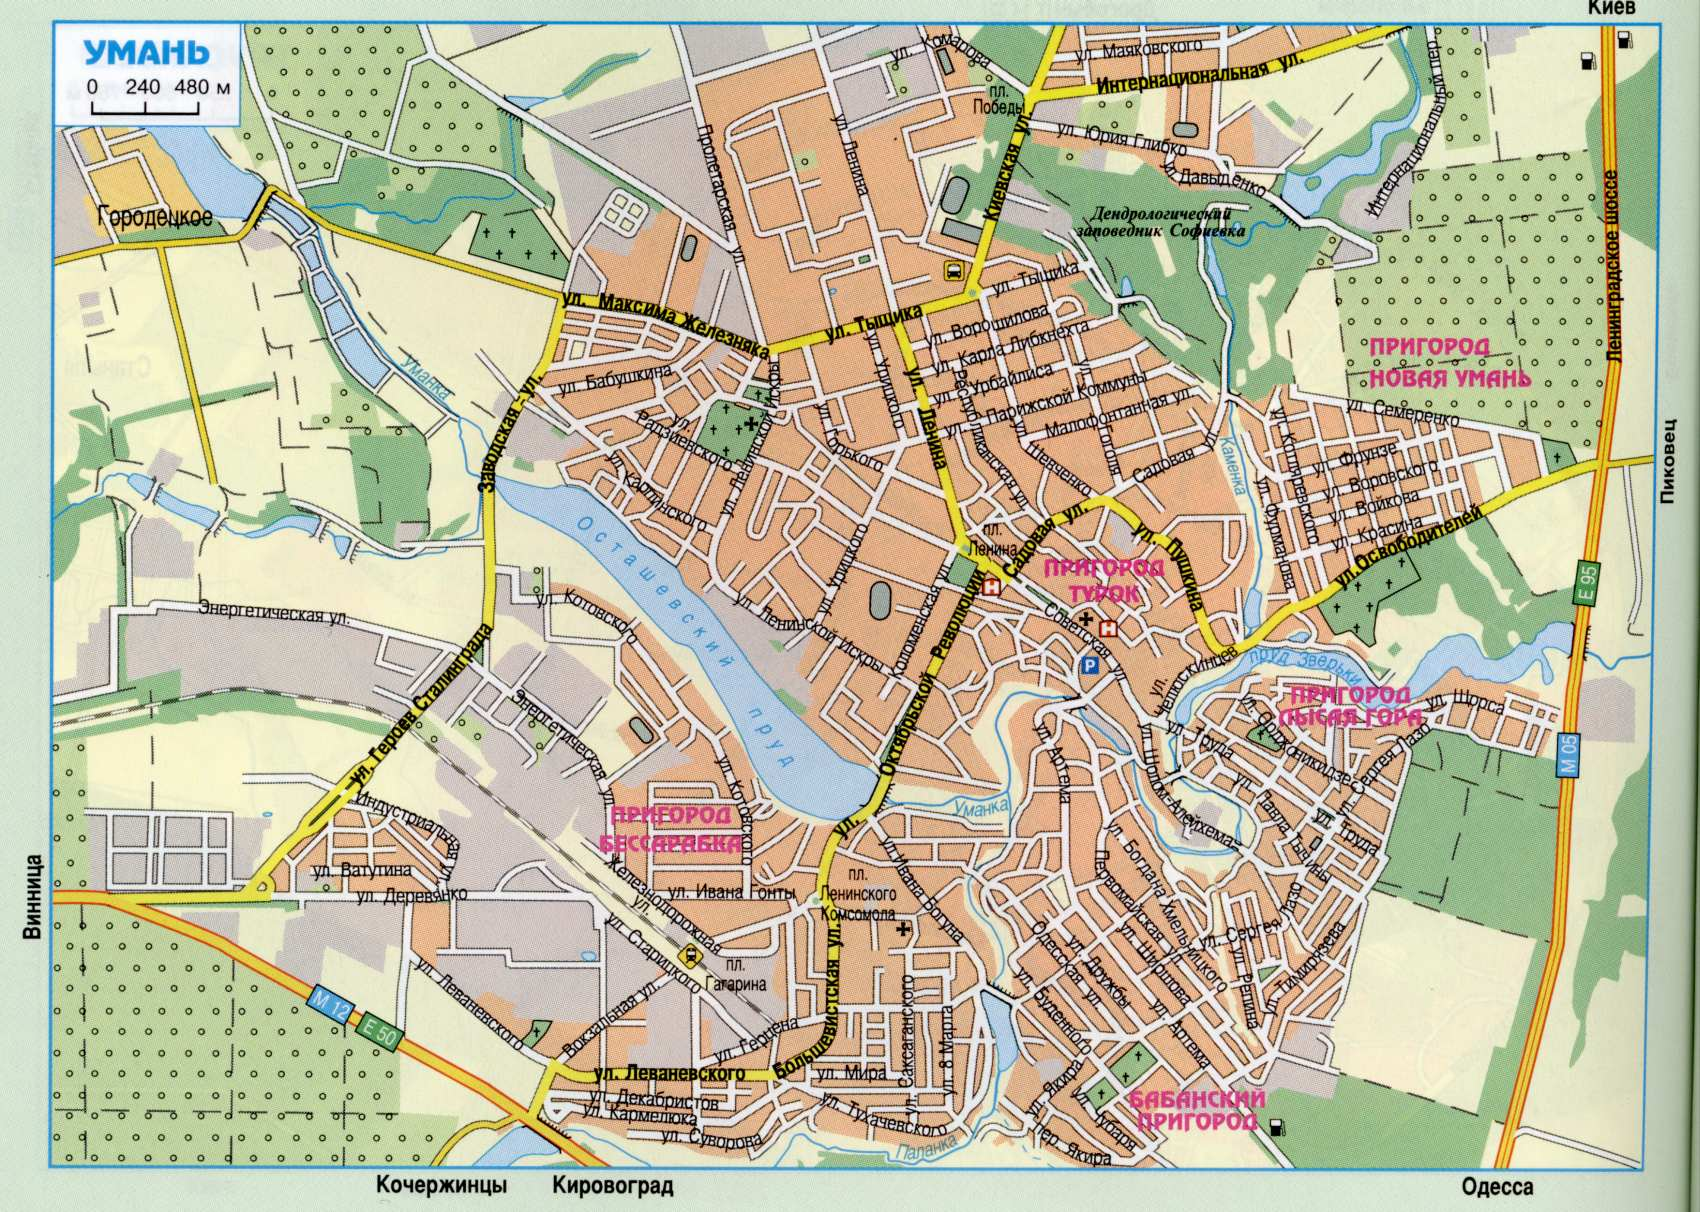 Карта города Умань